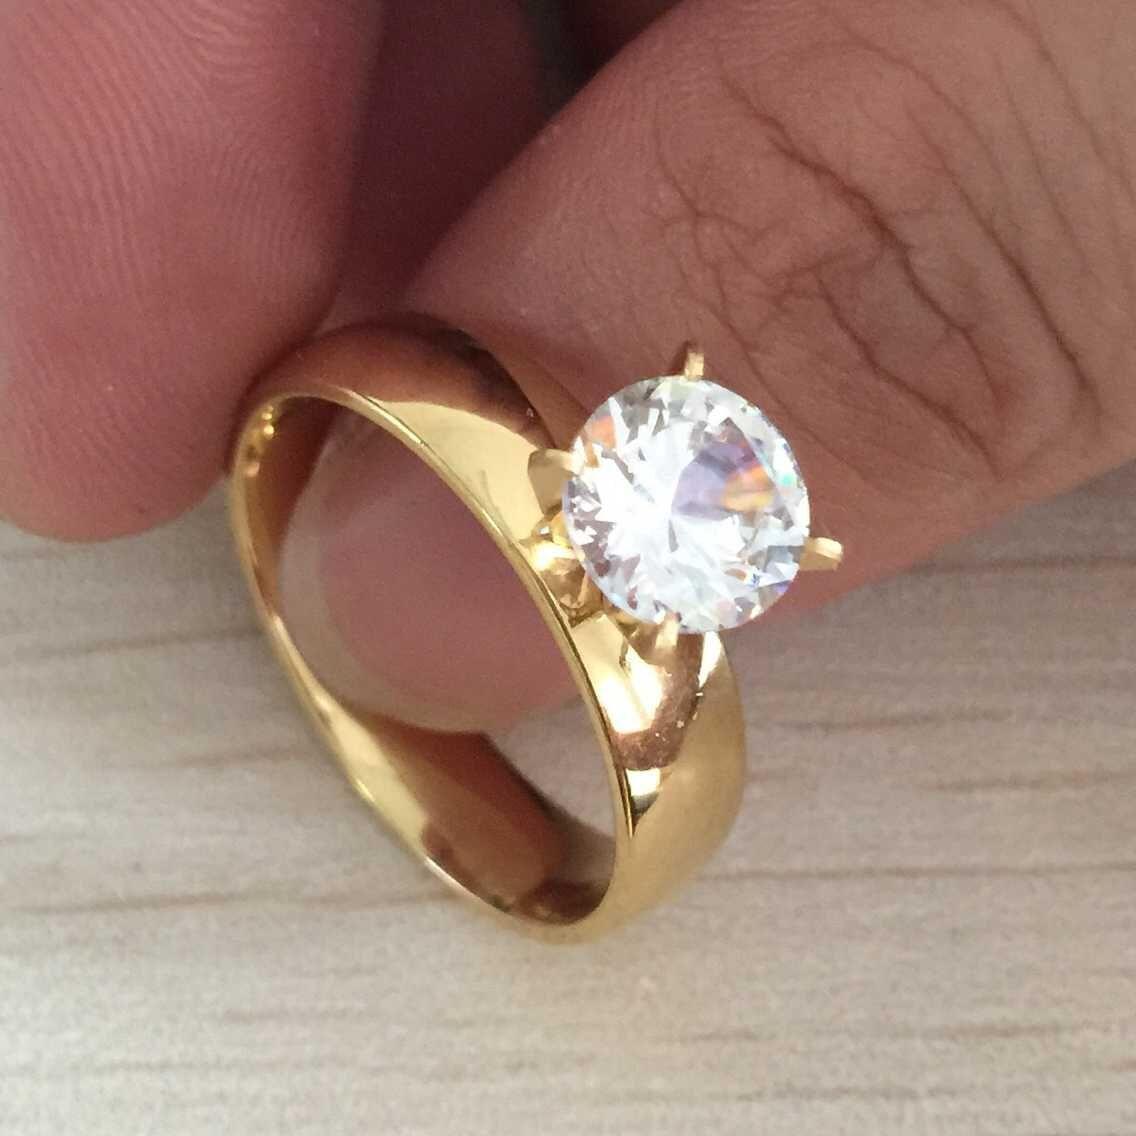 De alta calidad de 8 mm chapado en oro de 18 quilates de diamantes de circón grande CZ anillos de los amantes de acero inoxidable anillo de matrimonio anillo para las mujeres